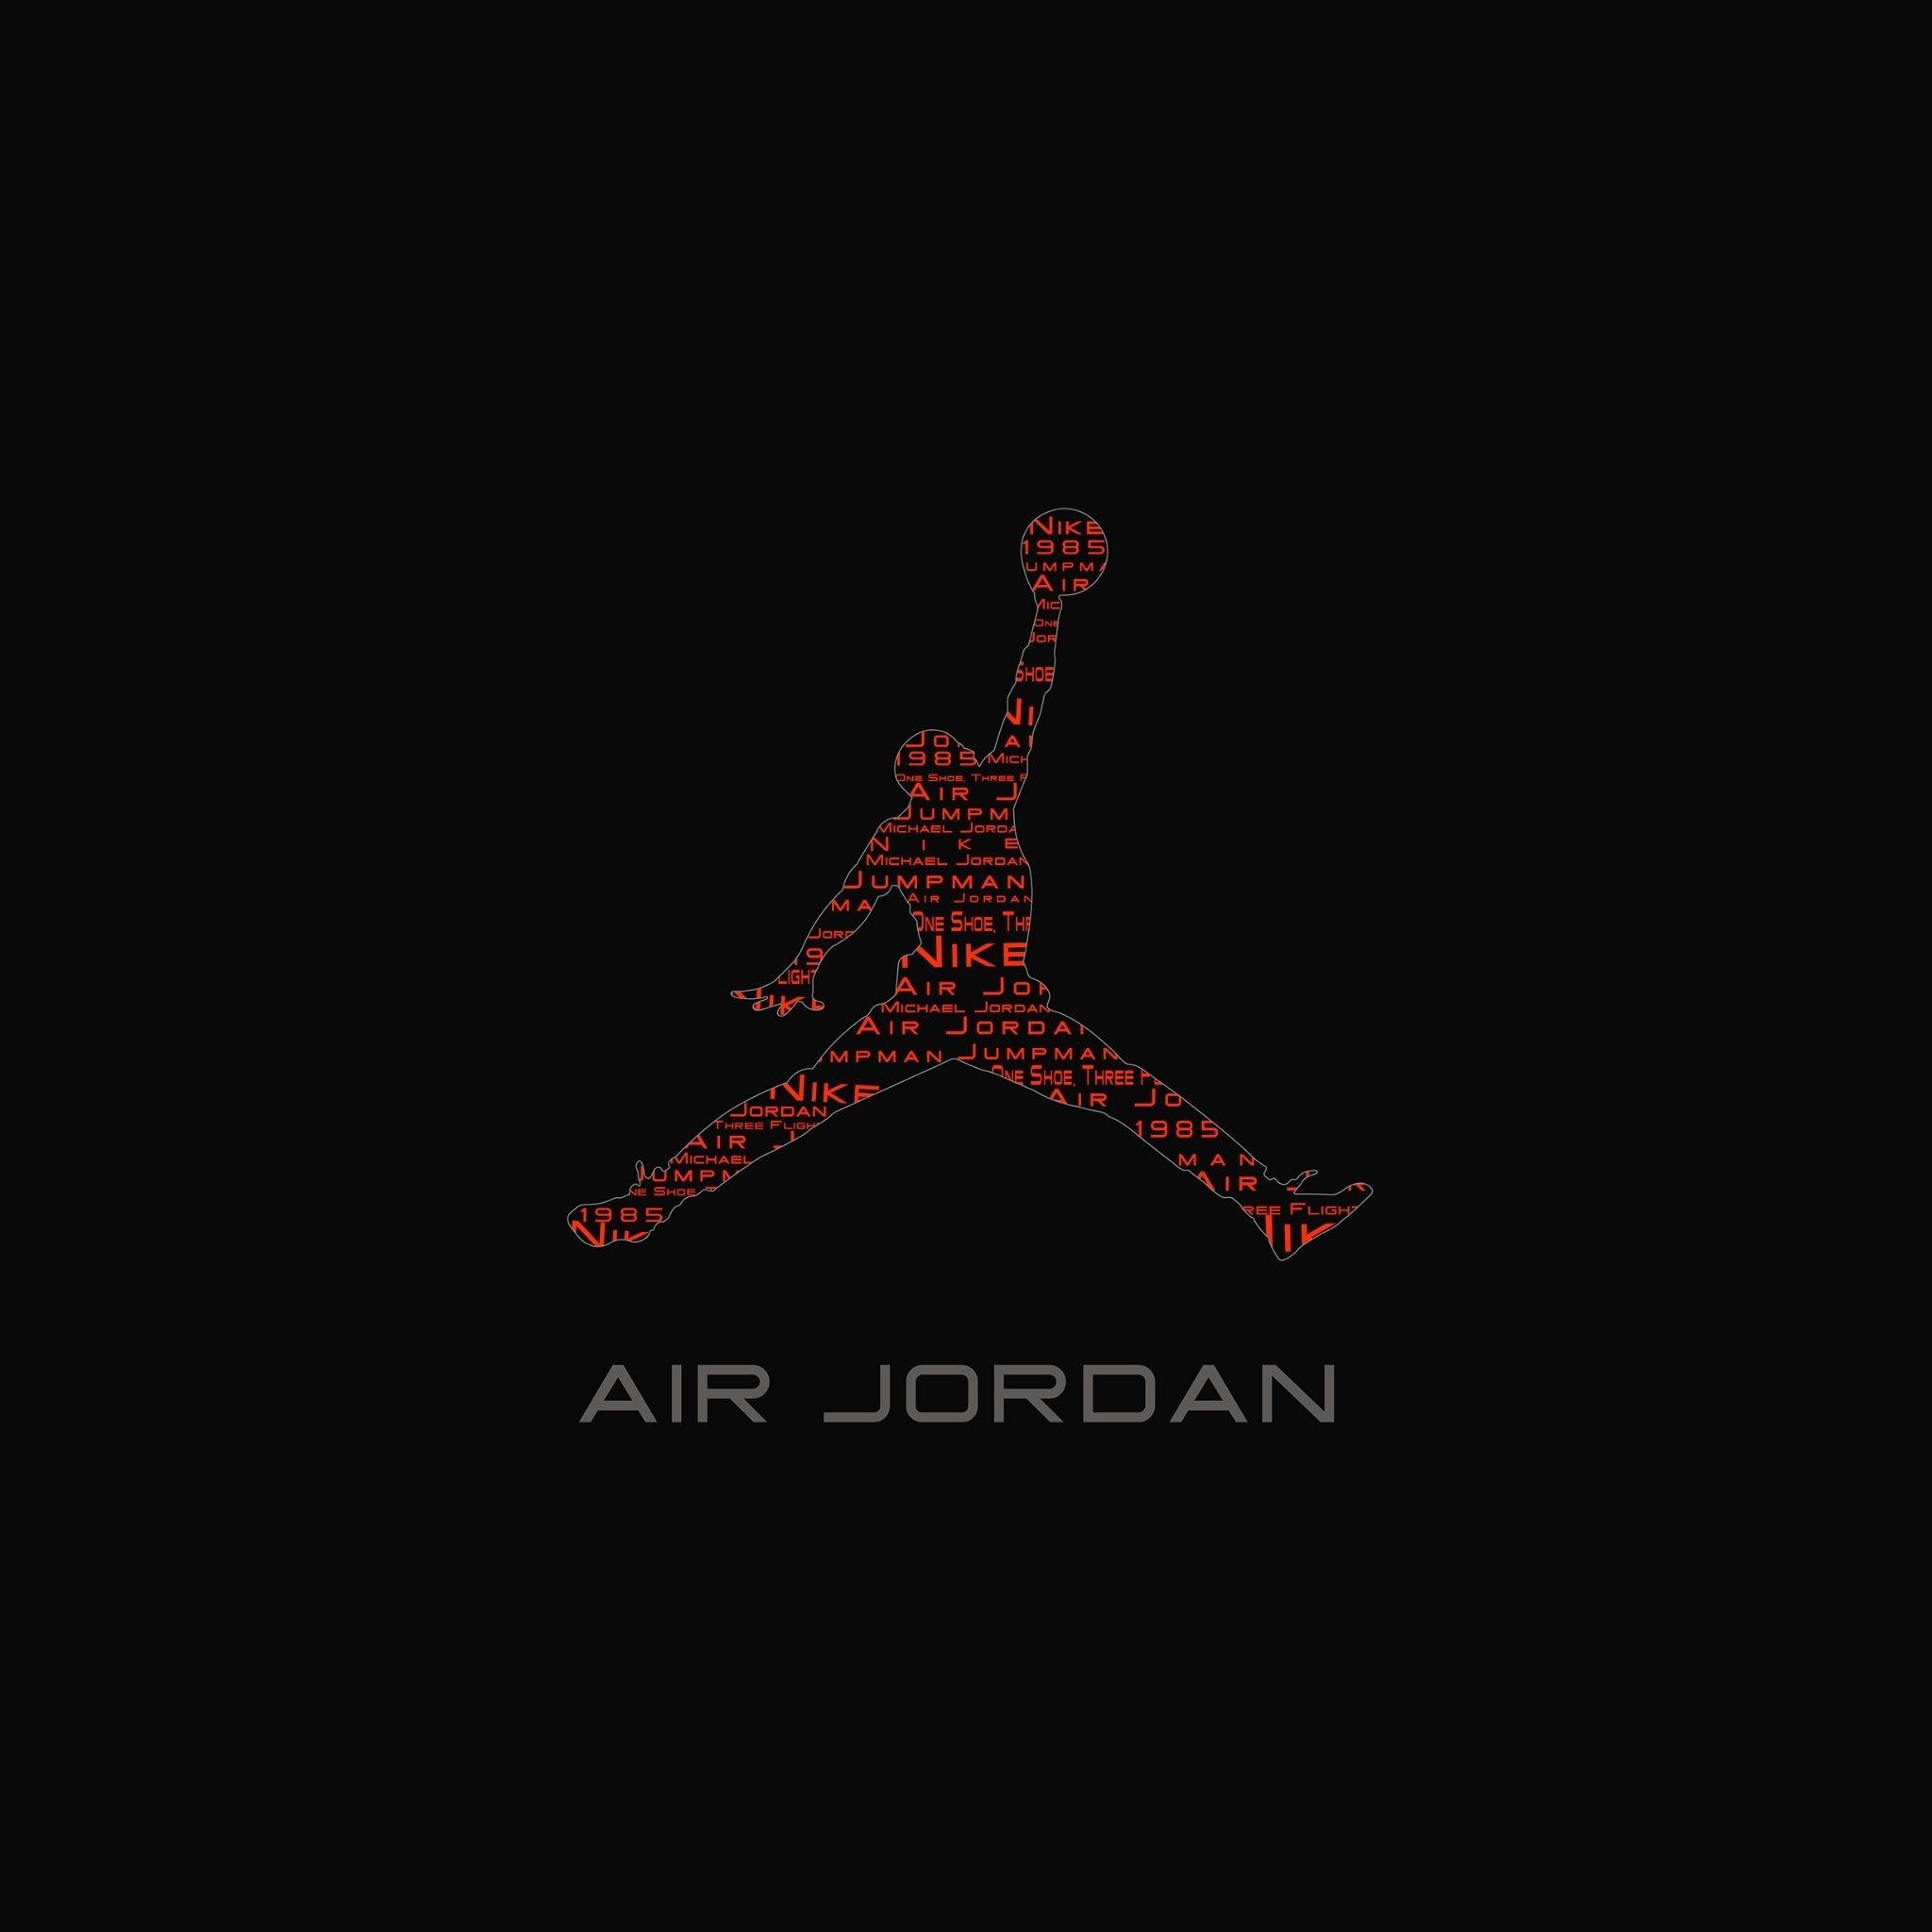 air jordan logo wallpaper hd - wallpapersafari | all wallpapers